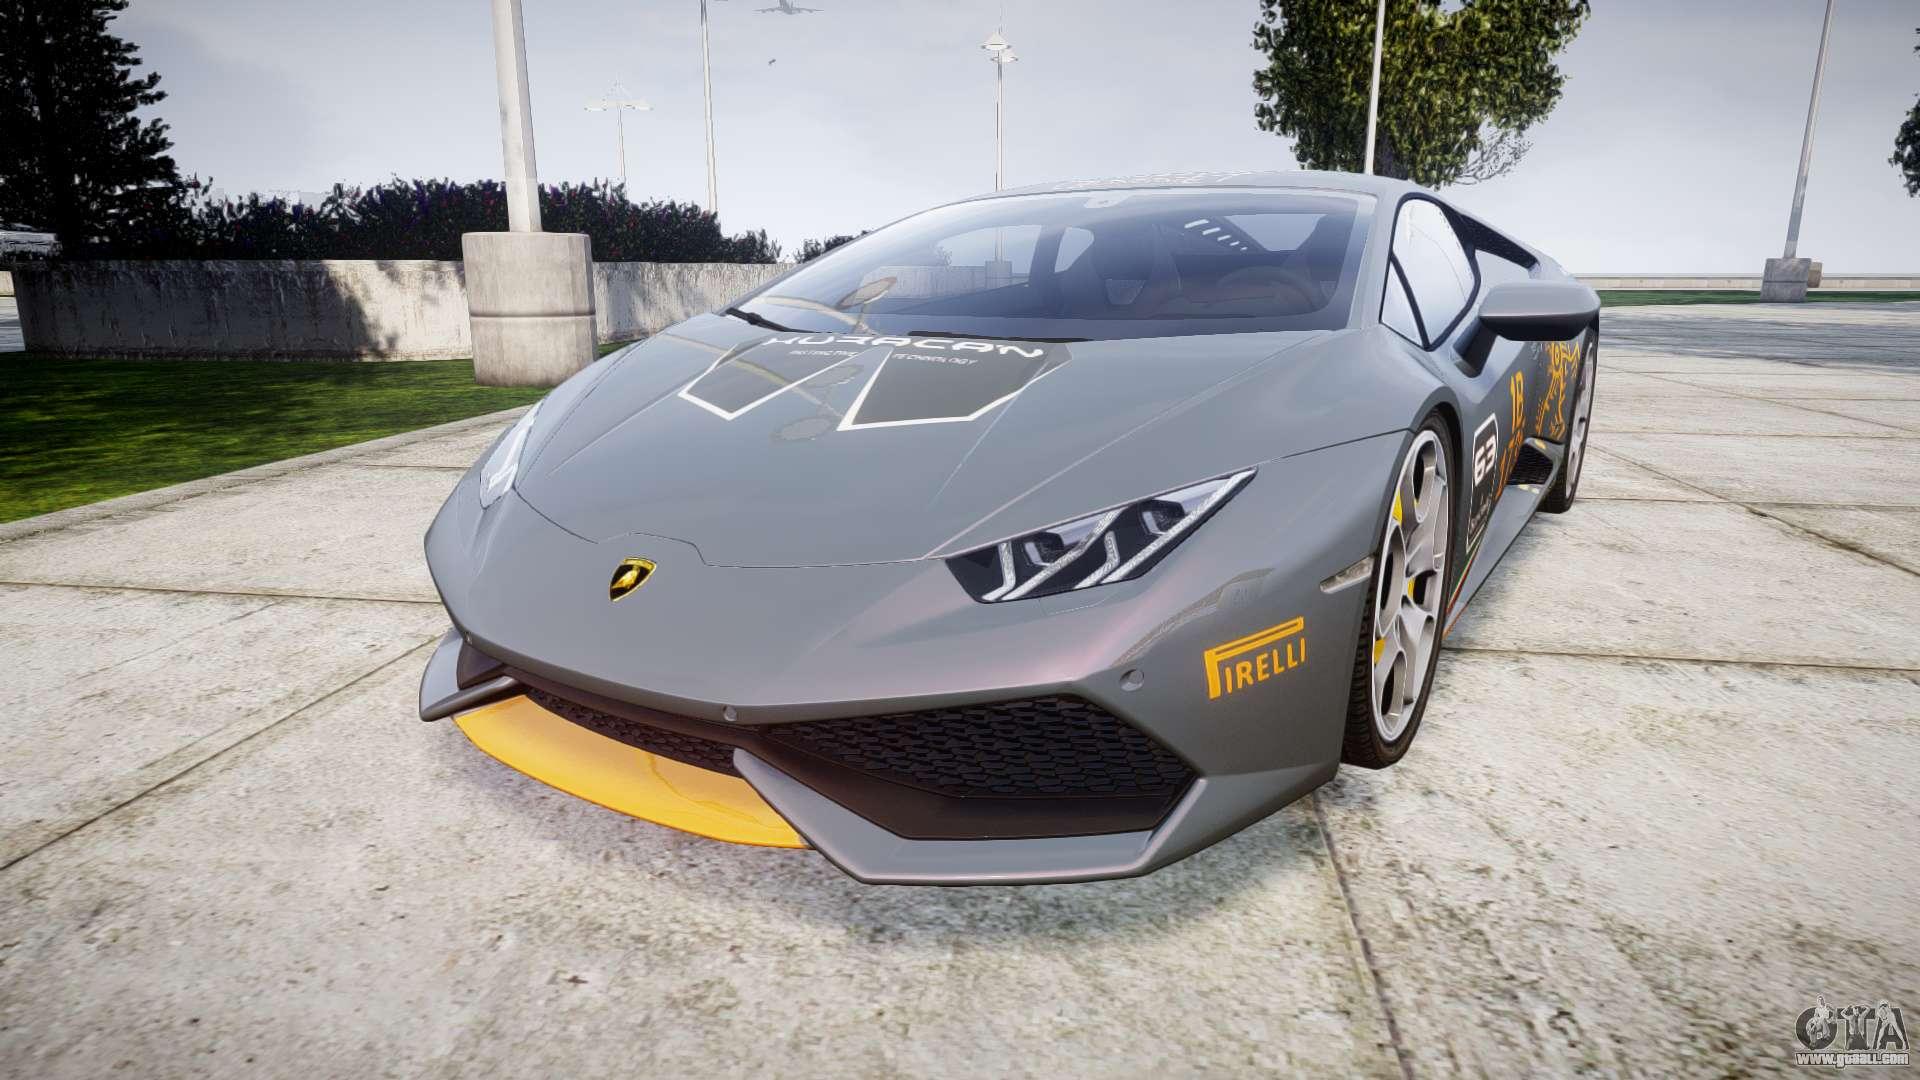 226272-GTAIV-2014-10-26-23-57-49-760 Elegant Lamborghini Huracan forza Horizon 2 Cars Trend